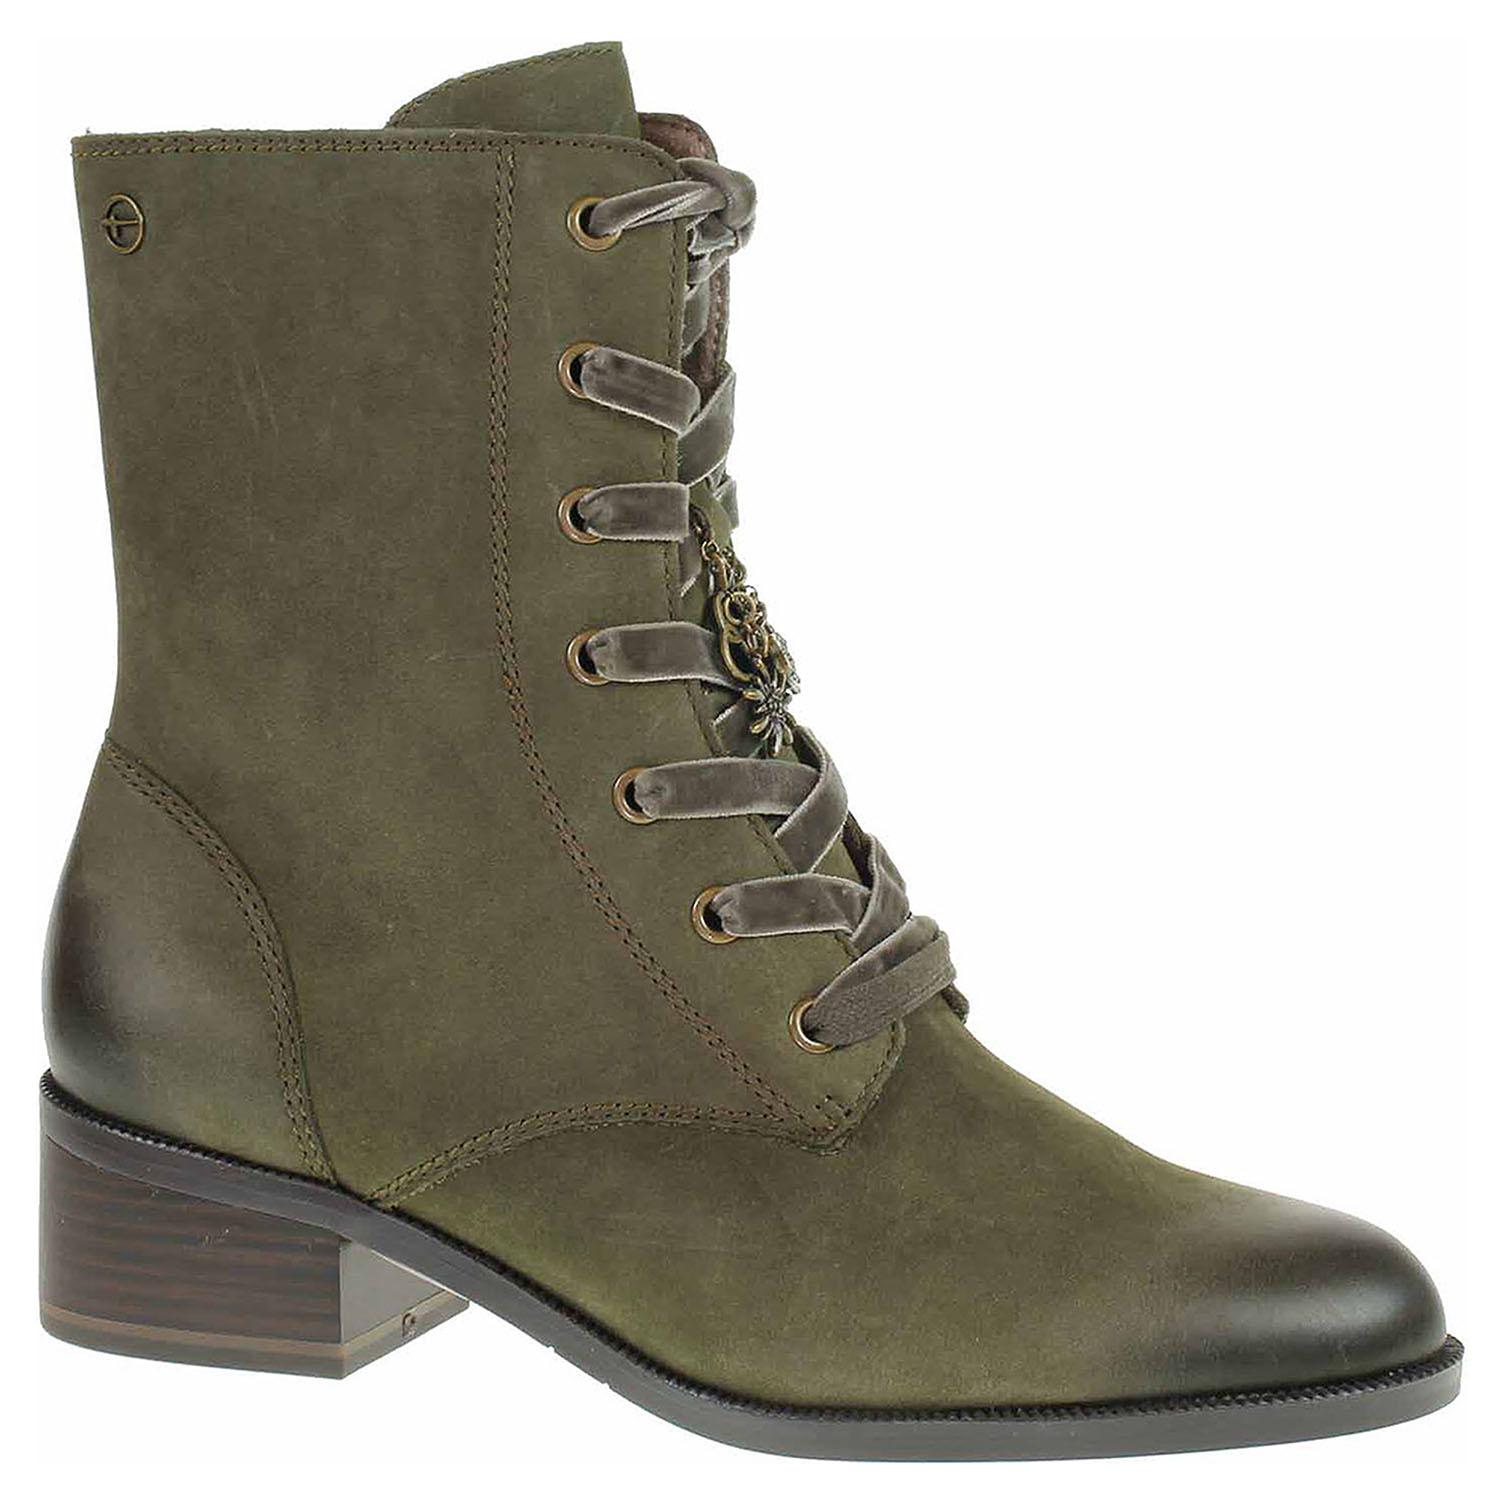 2984eaeca135c Dámska členkové topánky Tamaris 1-25151-31 forest | REJNOK obuv